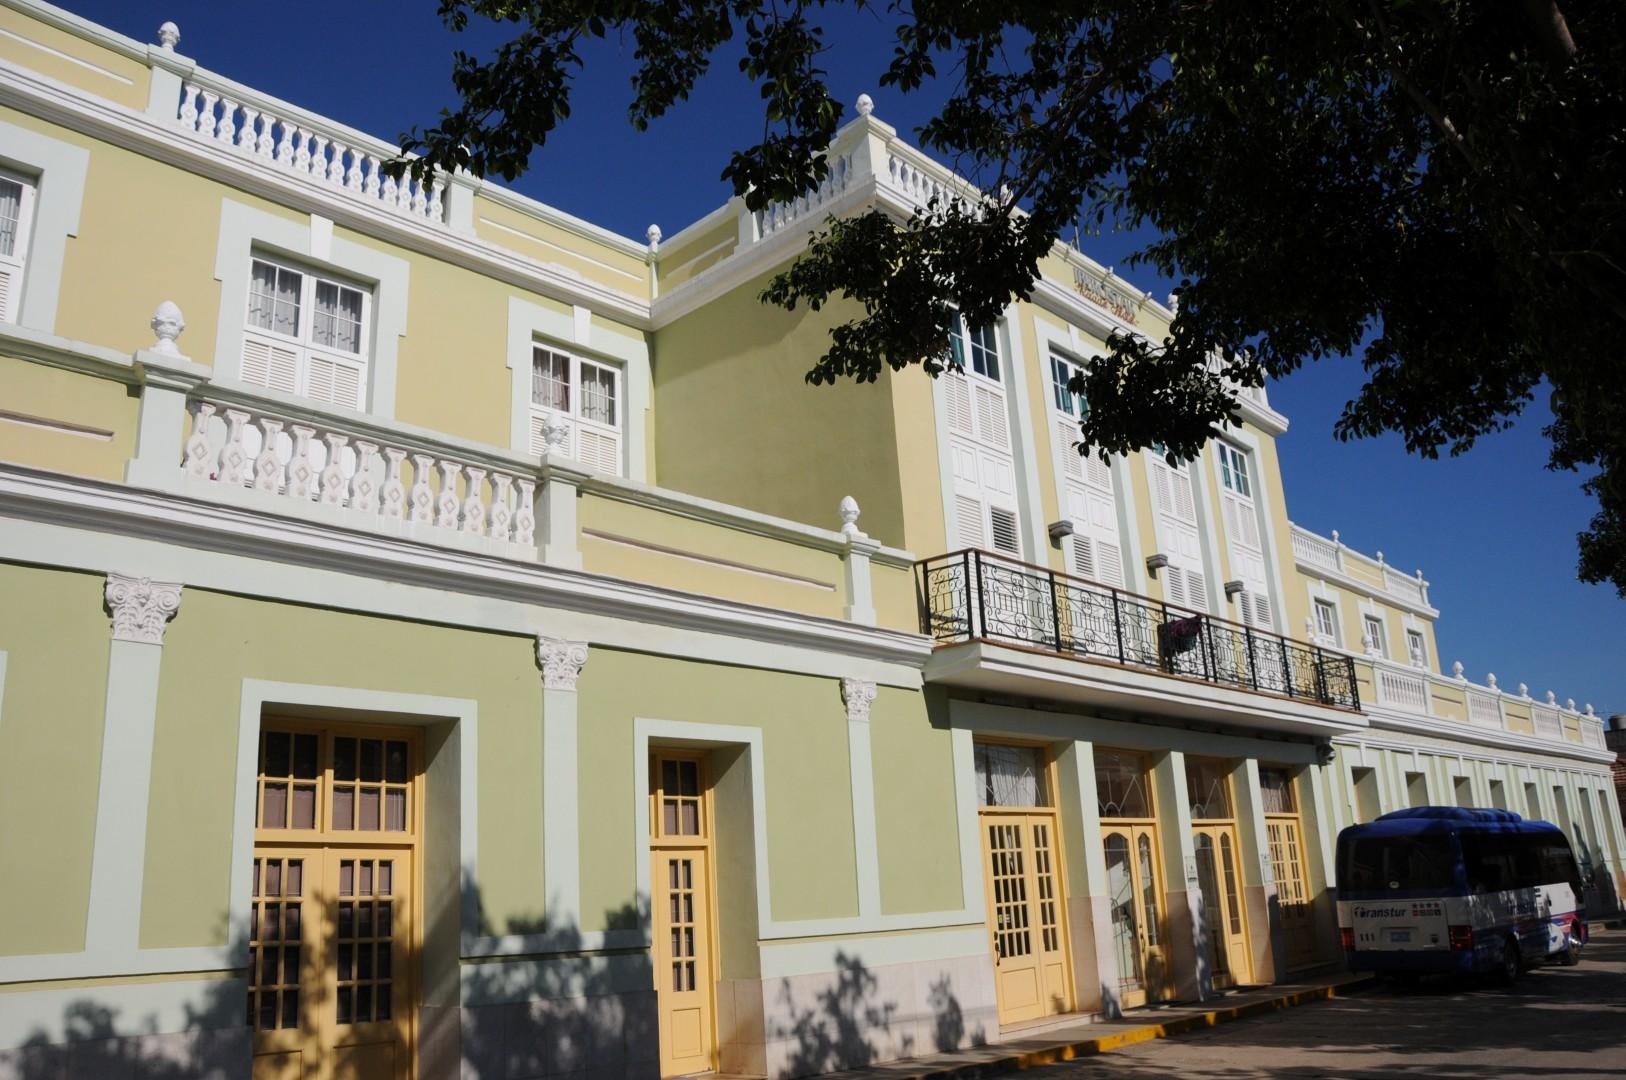 El Grand Hotel Iberostar Trinidad figura como una de las instalaciones de mayor demanda por parte de los visitantes extranjeros. (Foto: Vicente Brito)